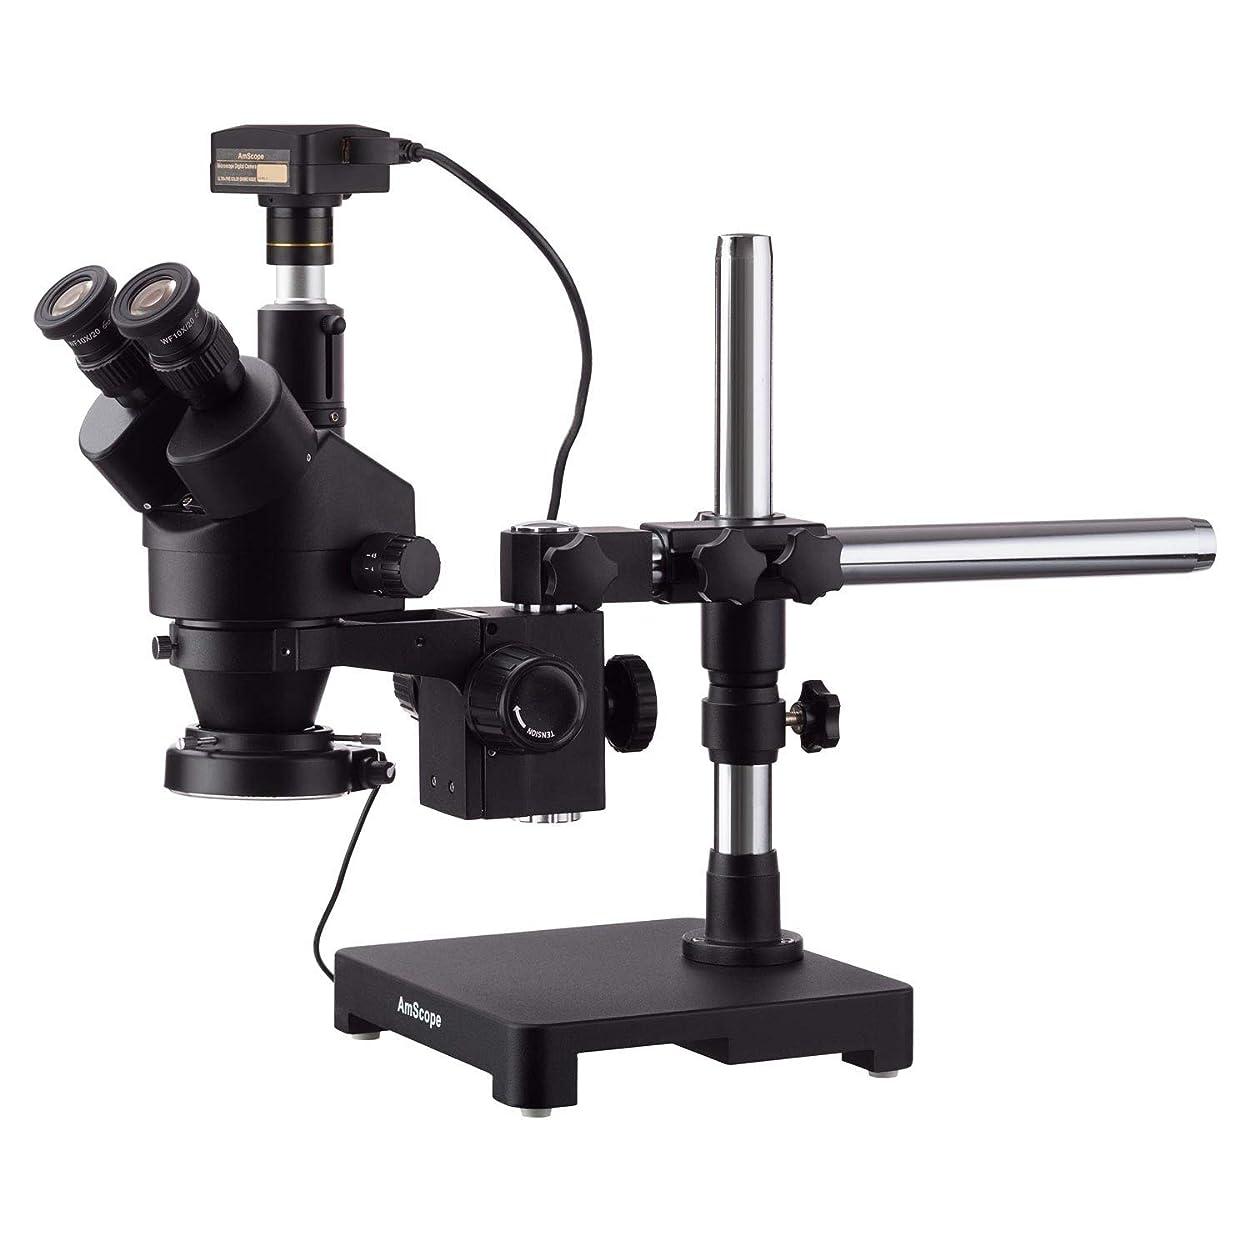 ホームレス置き場サドルAmScope 14MP USB3.0カメラ付きシングルアームブームスタンド+ 144 LEDコンパクトリングライトで3.5X-90Xブラック三眼鏡ステレオズーム顕微鏡